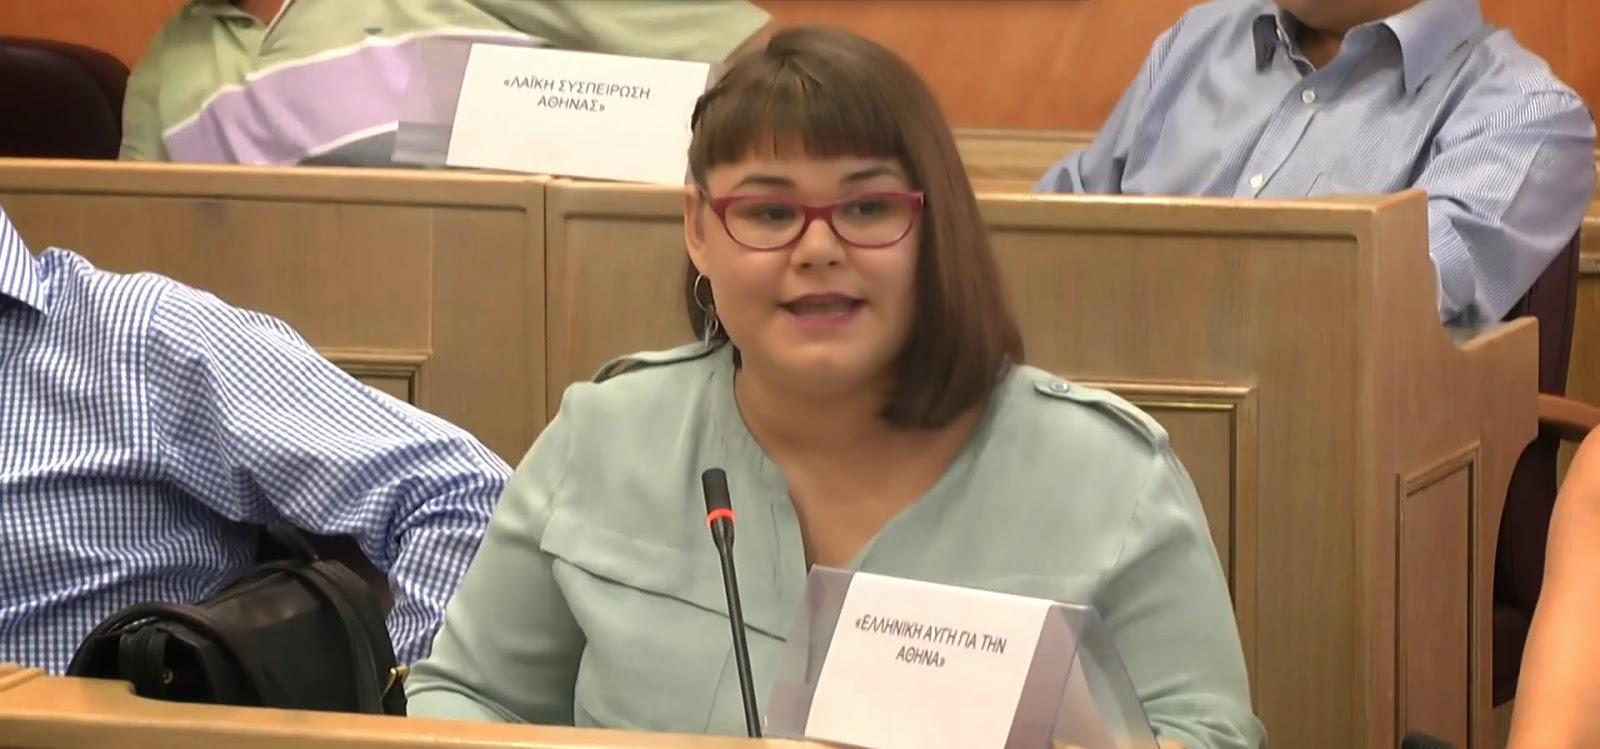 Ουρανία Μιχαλολιάκου στο δημοτικό συμβούλιο της Αθήνας: Η «Ελληνική Αυγή» είναι εδώ για έργα και όχι λόγια 3 ΒΙΝΤΕΟ